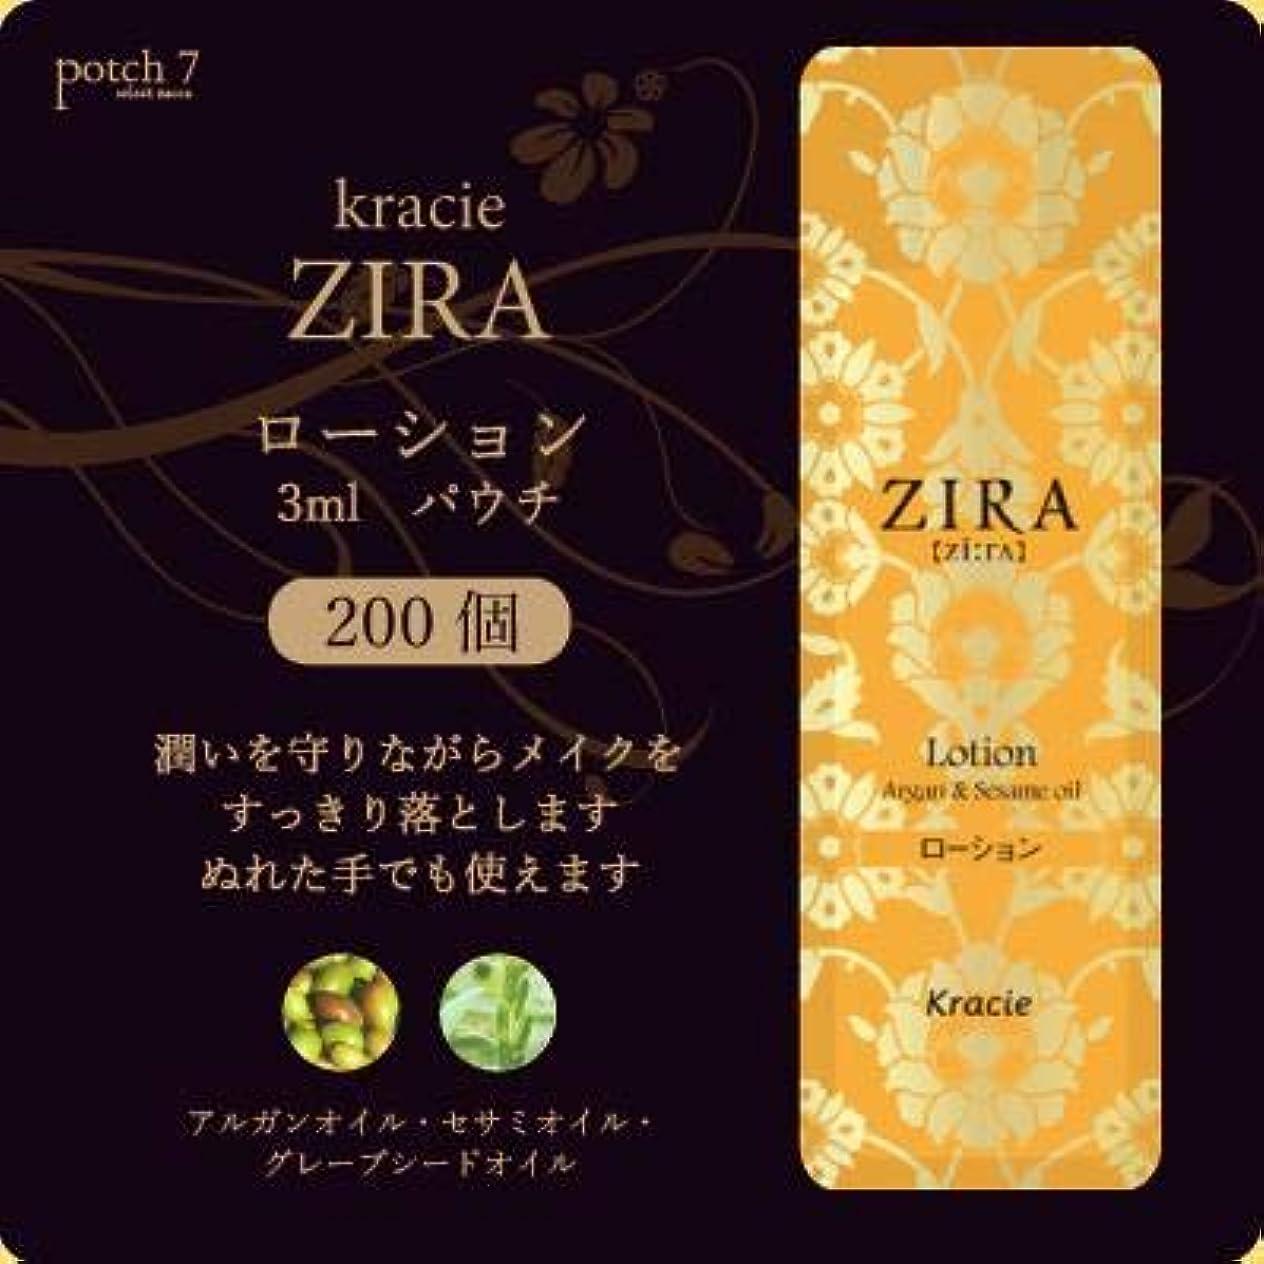 印象的ロマンチック良いKracie クラシエ ZIRA ジーラ ローション 化粧水 パウチ 3ml 200個入